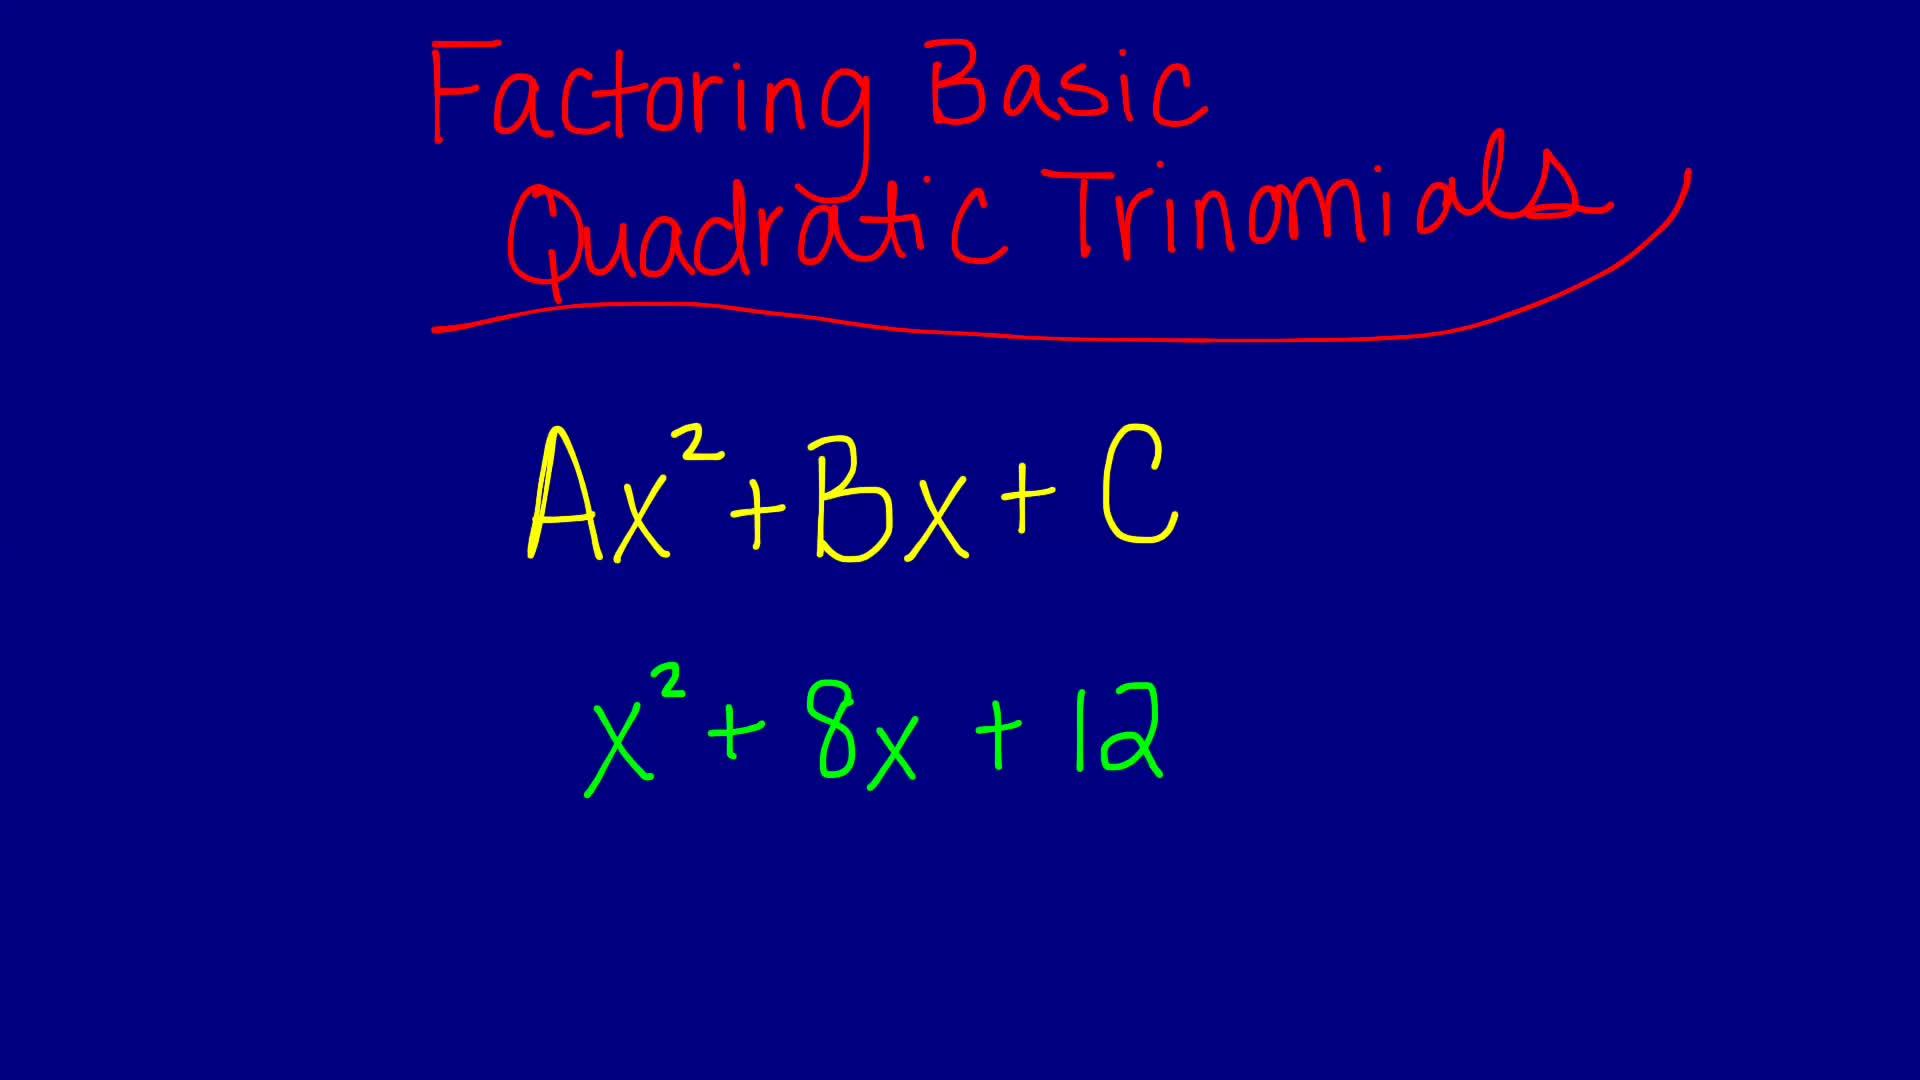 Factoring Basic Quadratic Trinomials